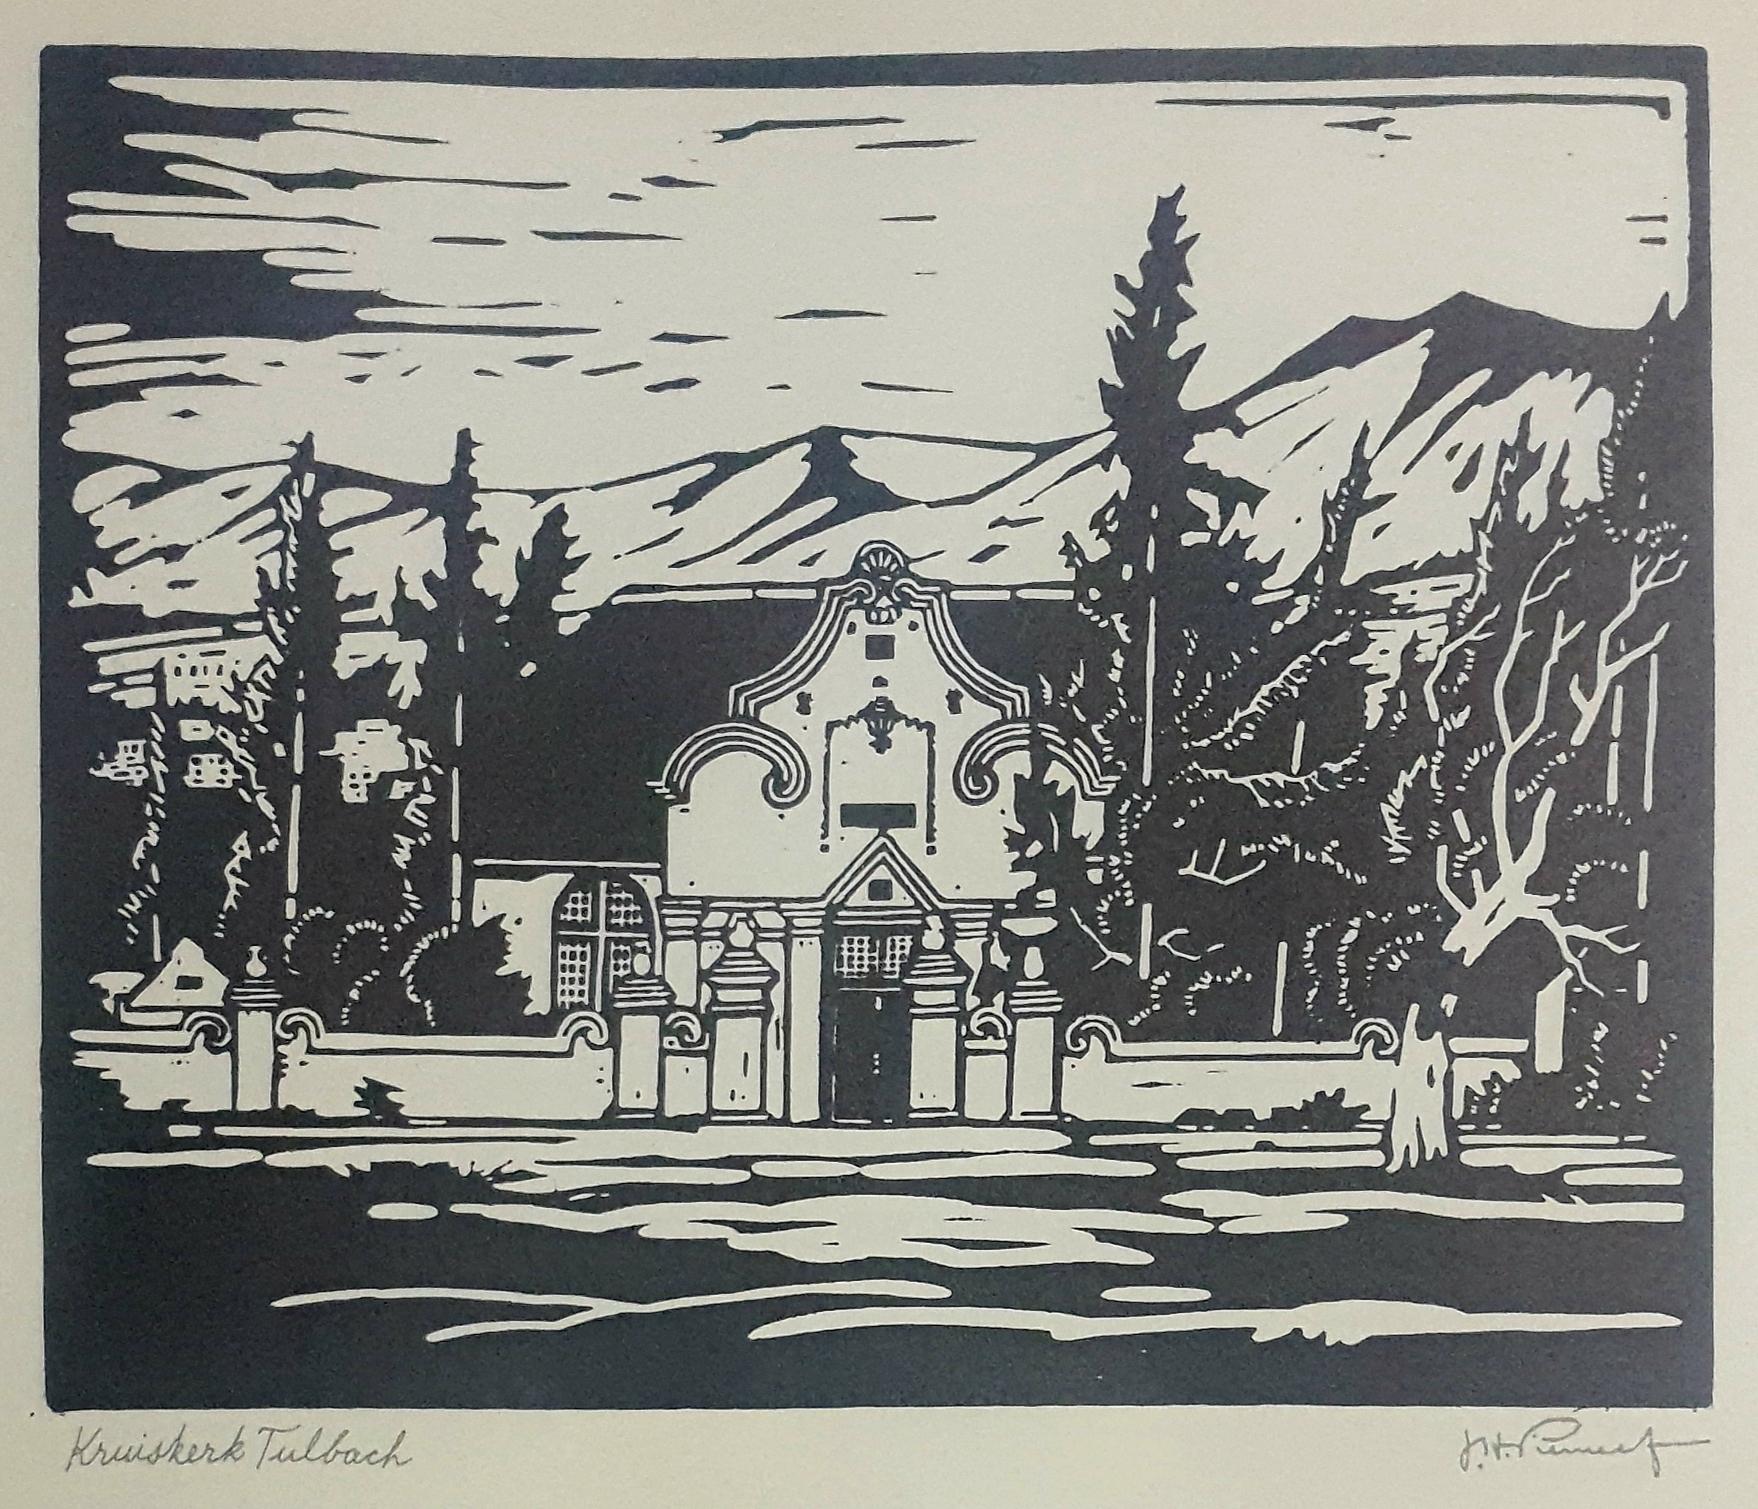 pierneef kruiskerk Tulbach